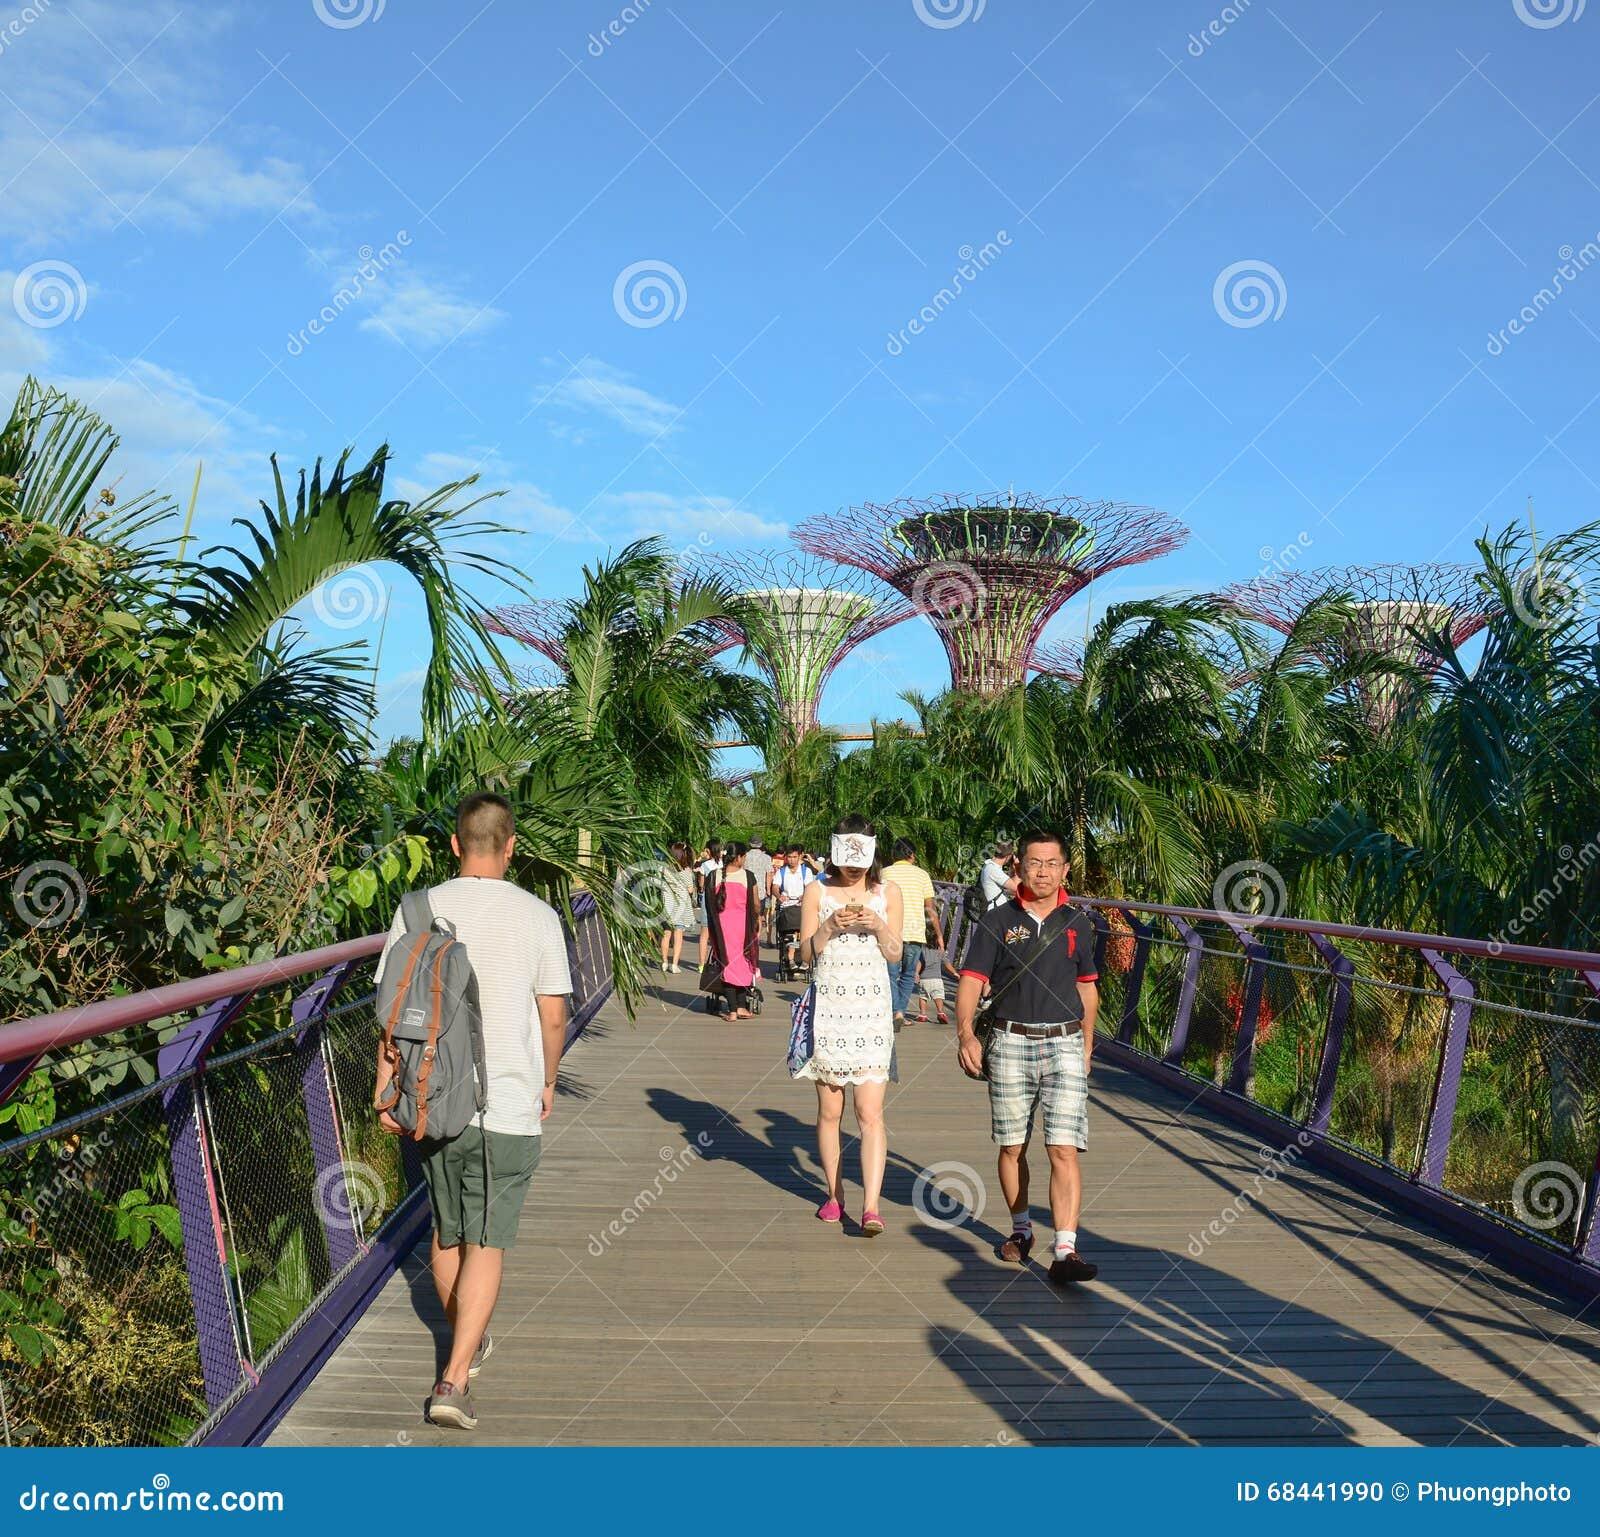 101 adjacent bay central gardens